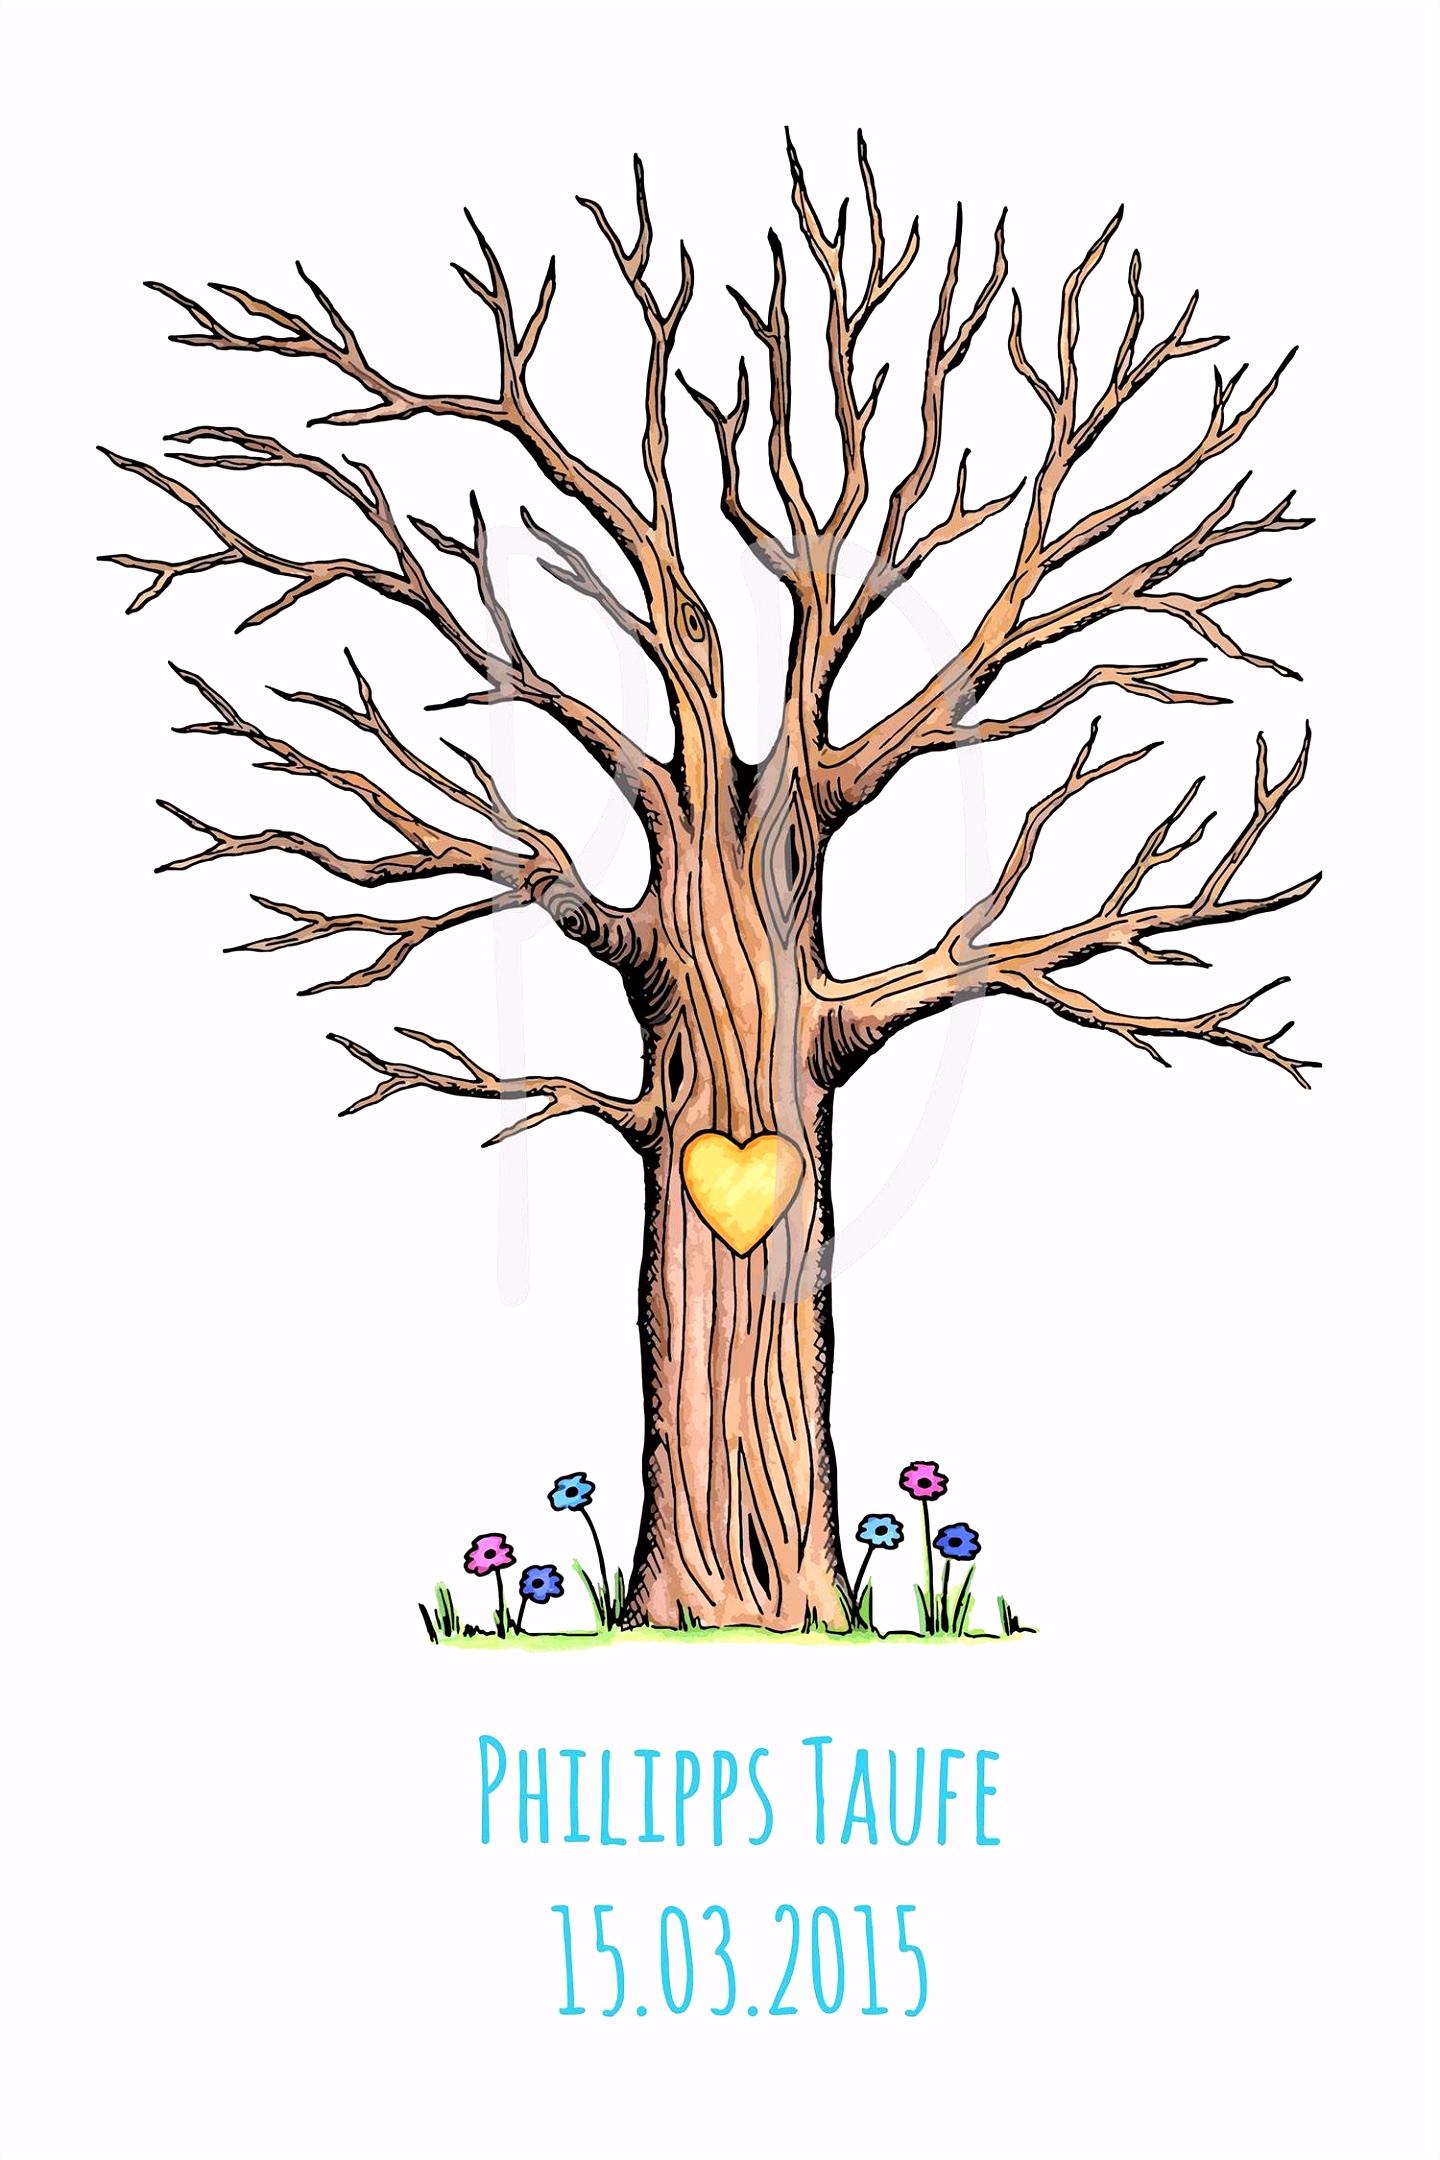 Herbstblätter Vorlagen Zum Ausdrucken Schön Malvorlage Baum Ohne